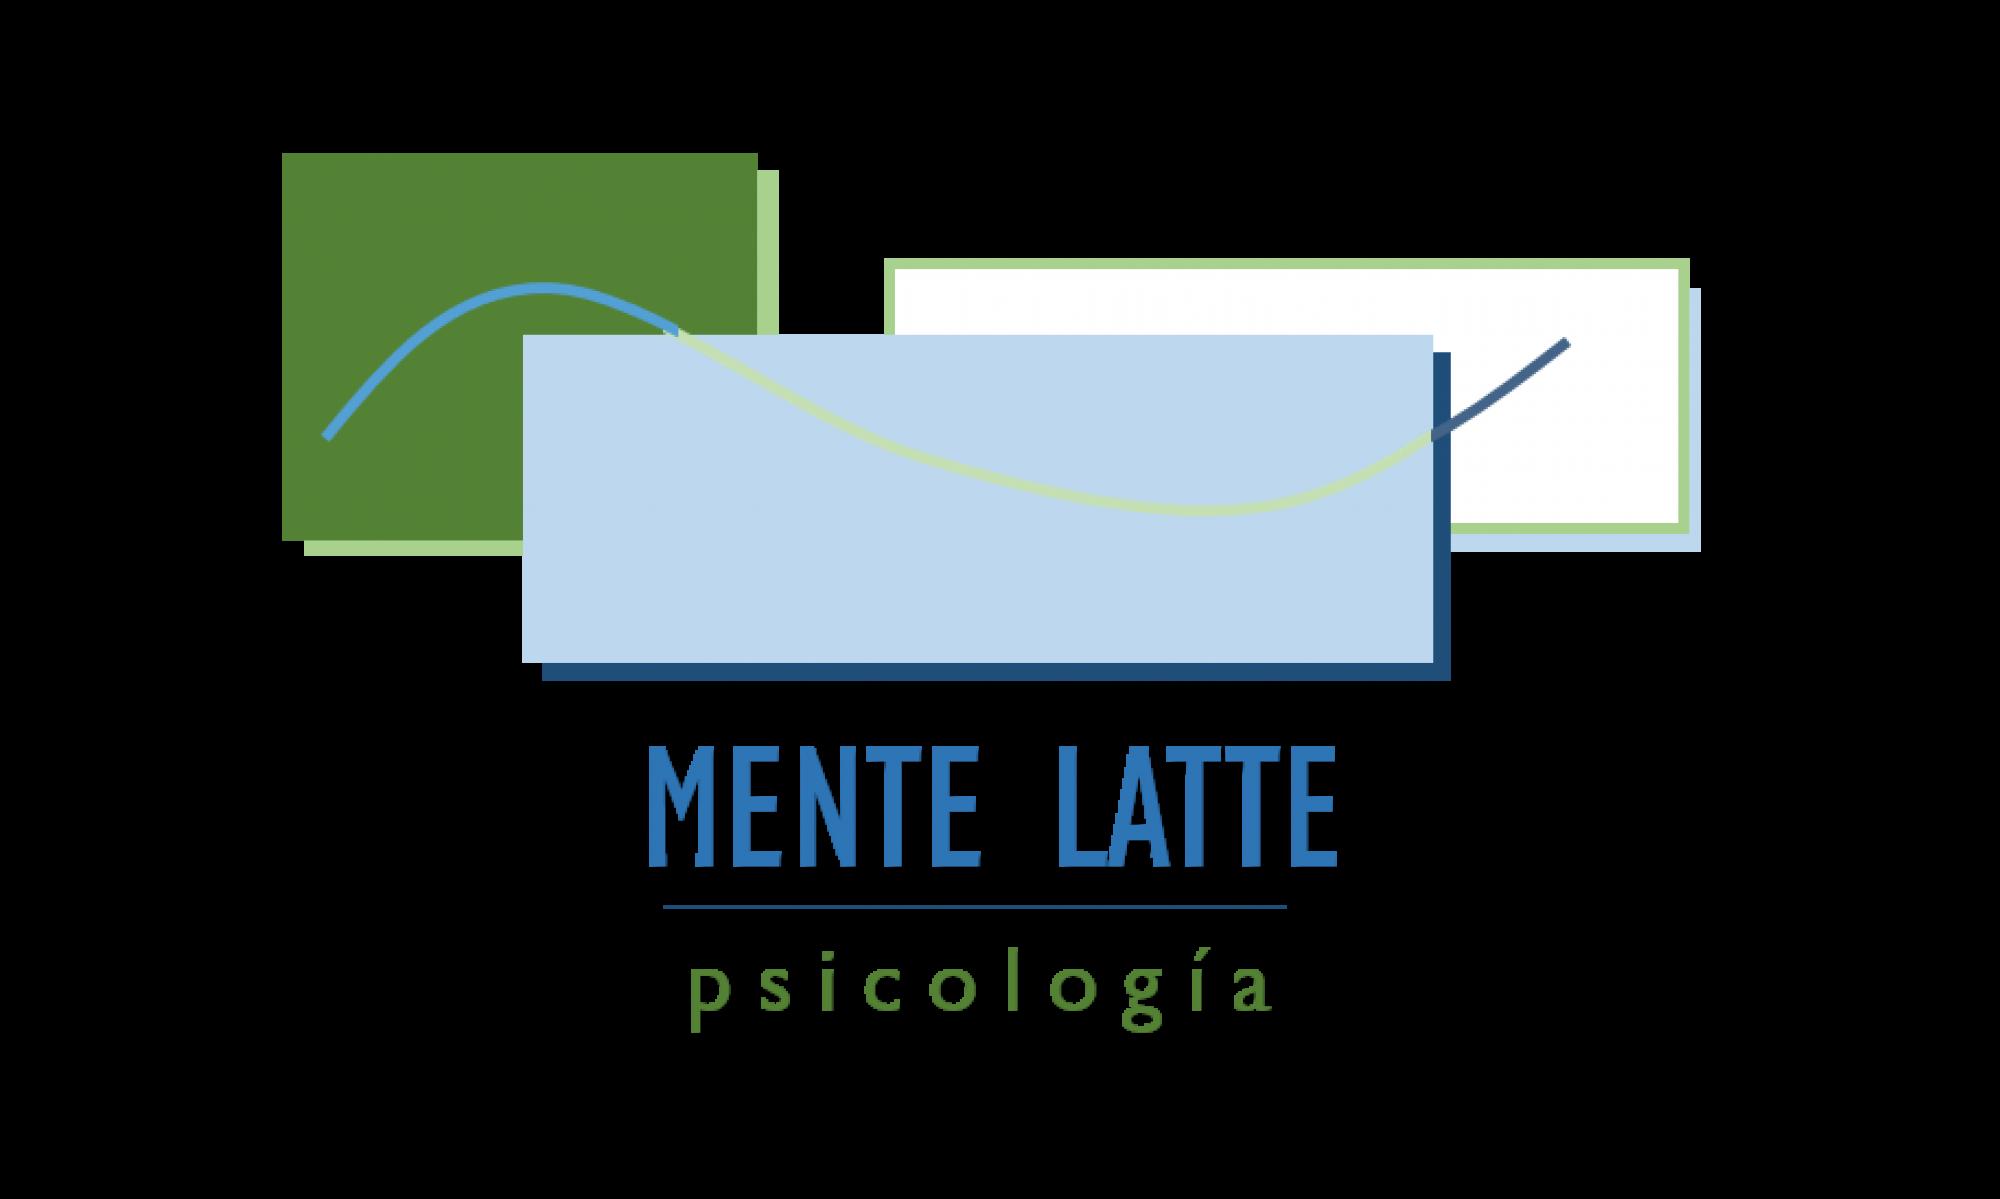 MENTE LATTE - Psicología